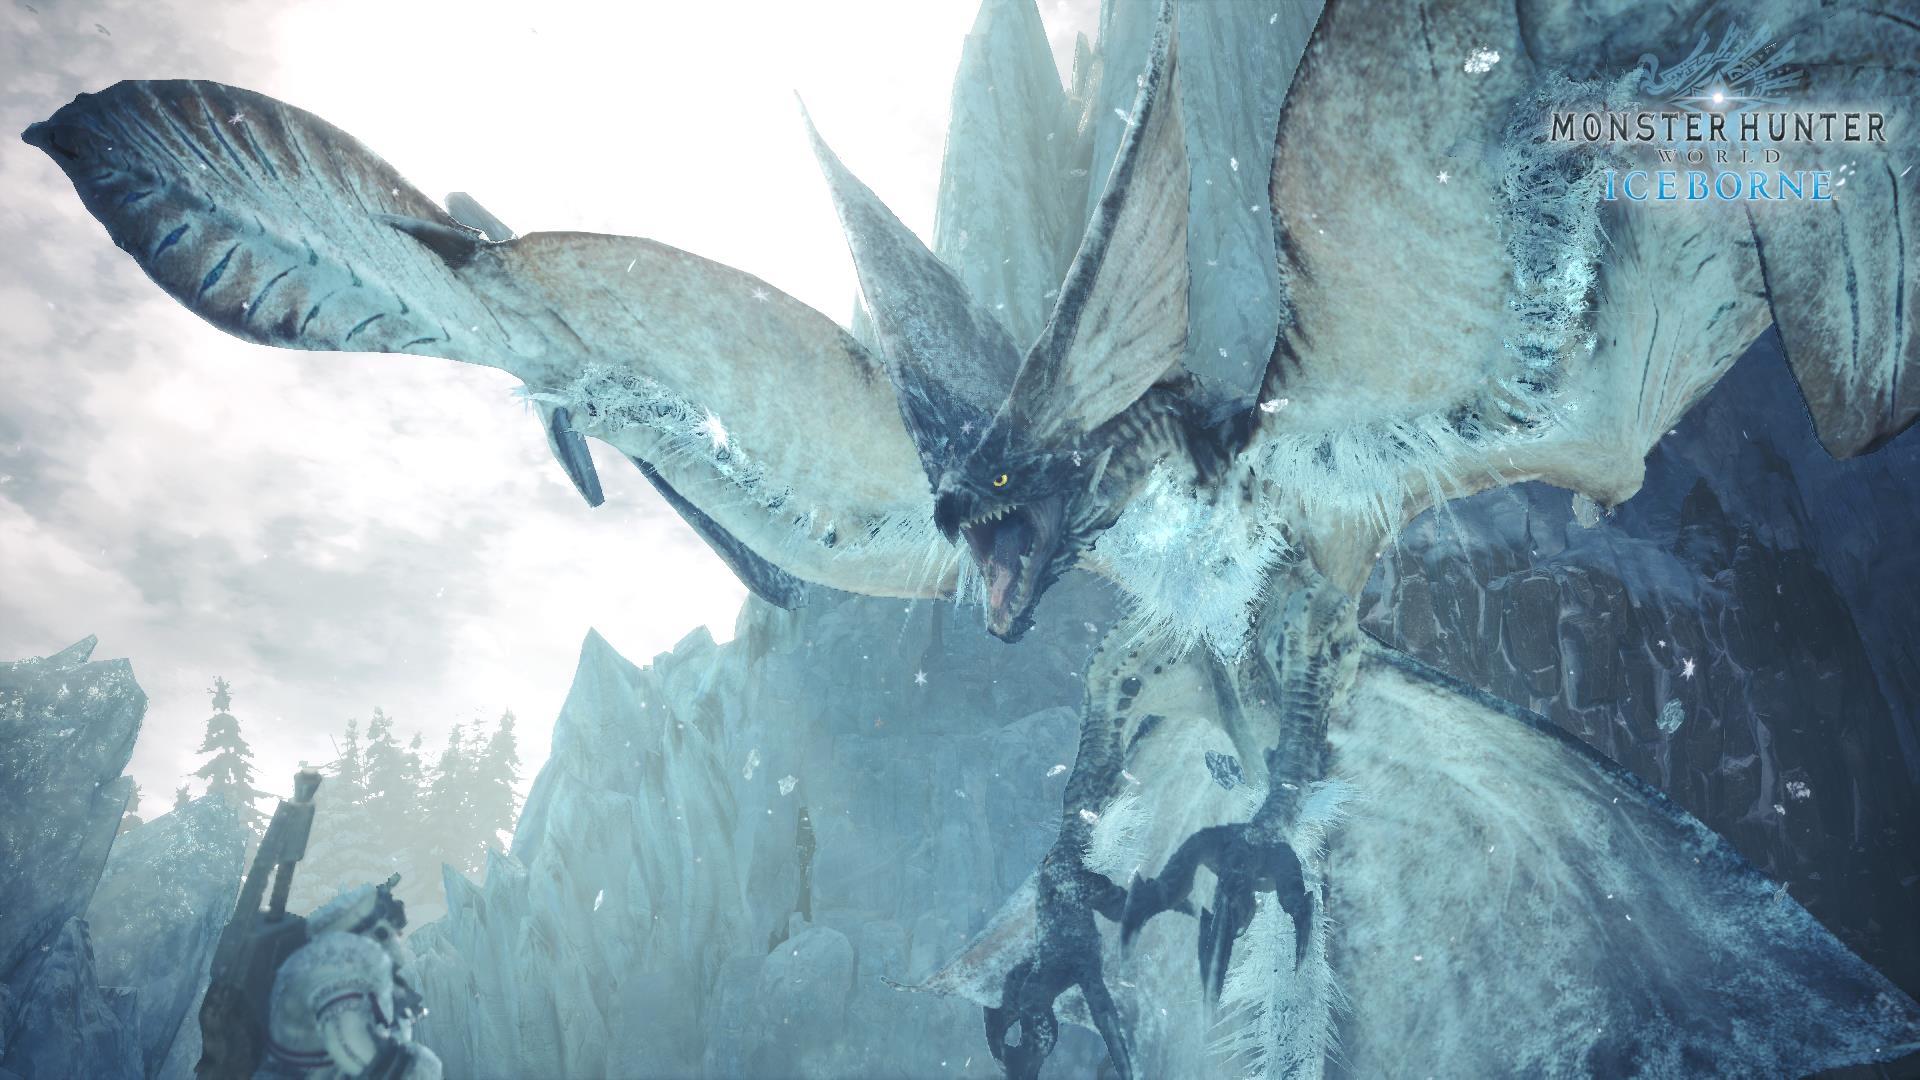 Monster Hunter 562019 2